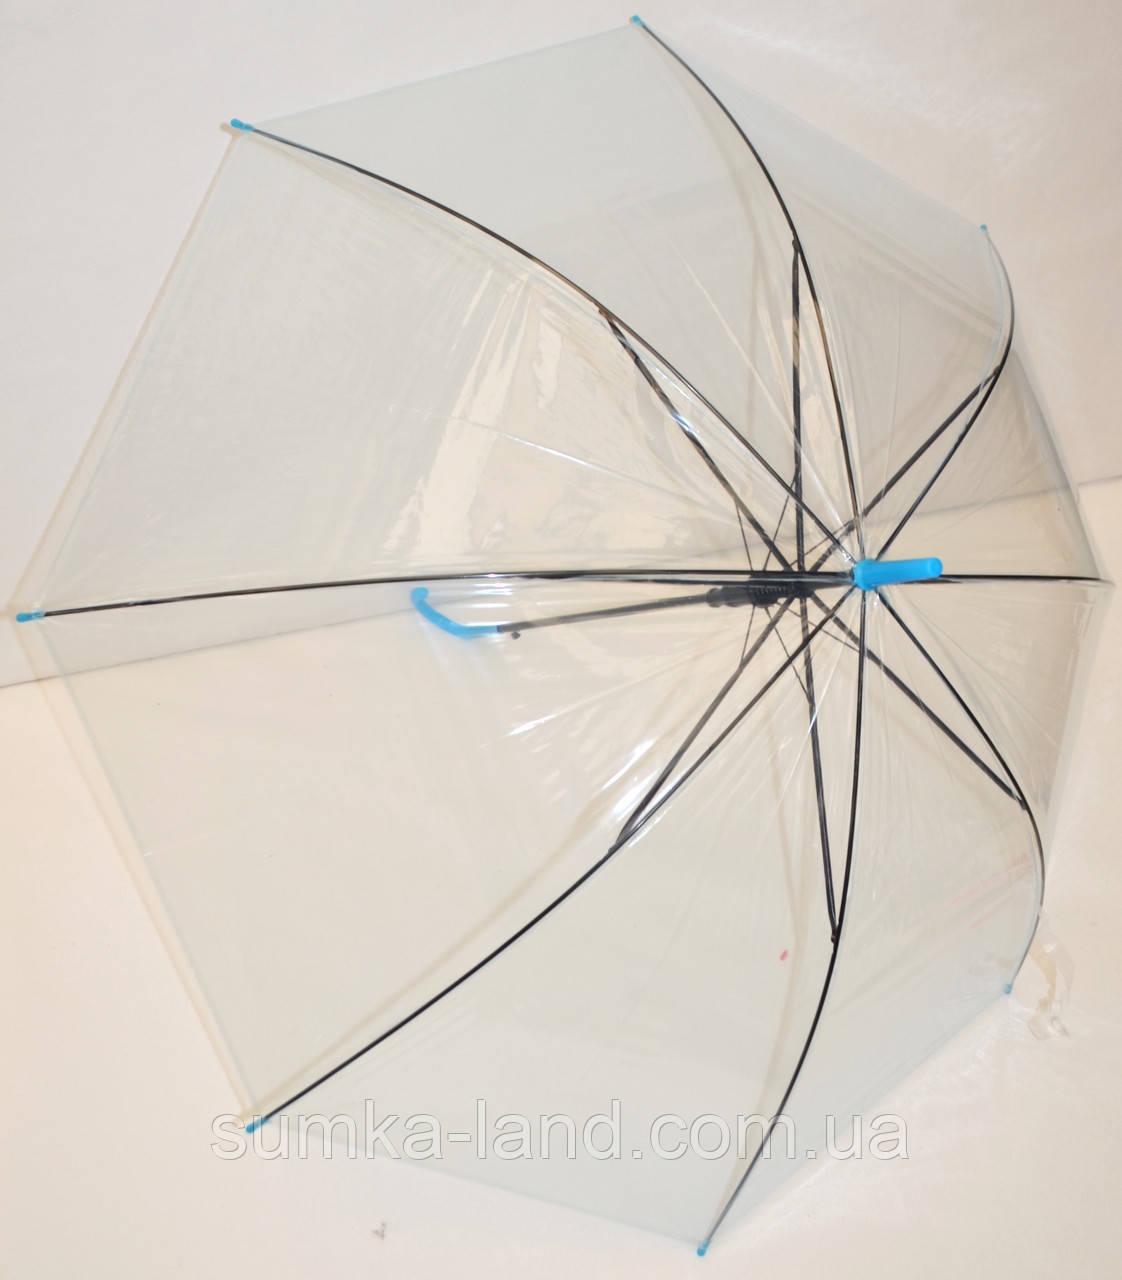 Детский голубой прозрачный силиконовый зонт-трость на 8 спиц с черными спицами